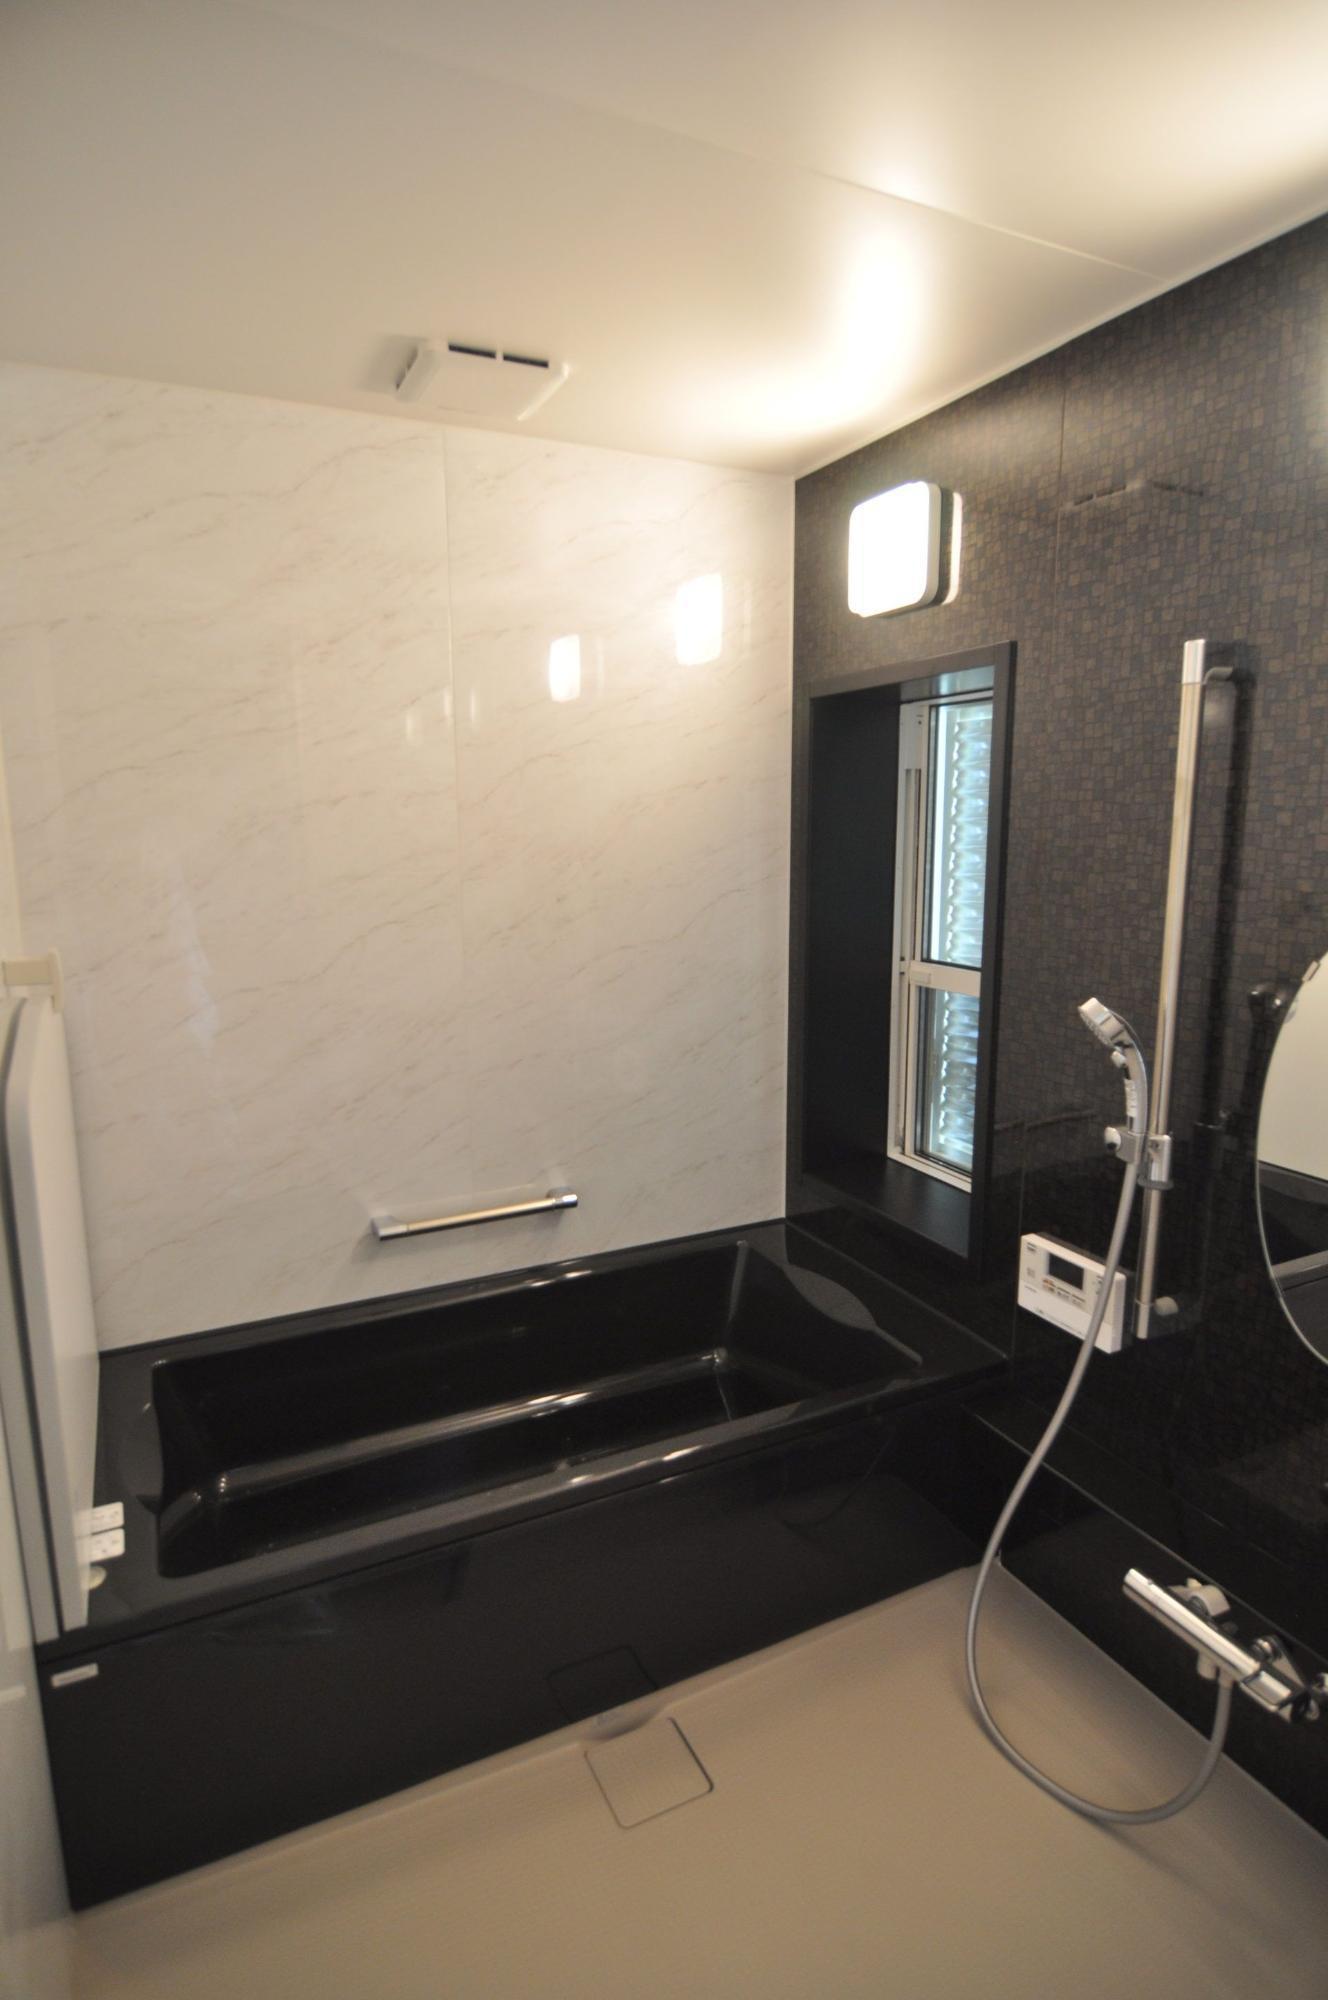 有限会社 市川建築店 1級建築士事務所「三条市 I様邸」のシンプル・ナチュラル・モダンな風呂・浴室の実例写真